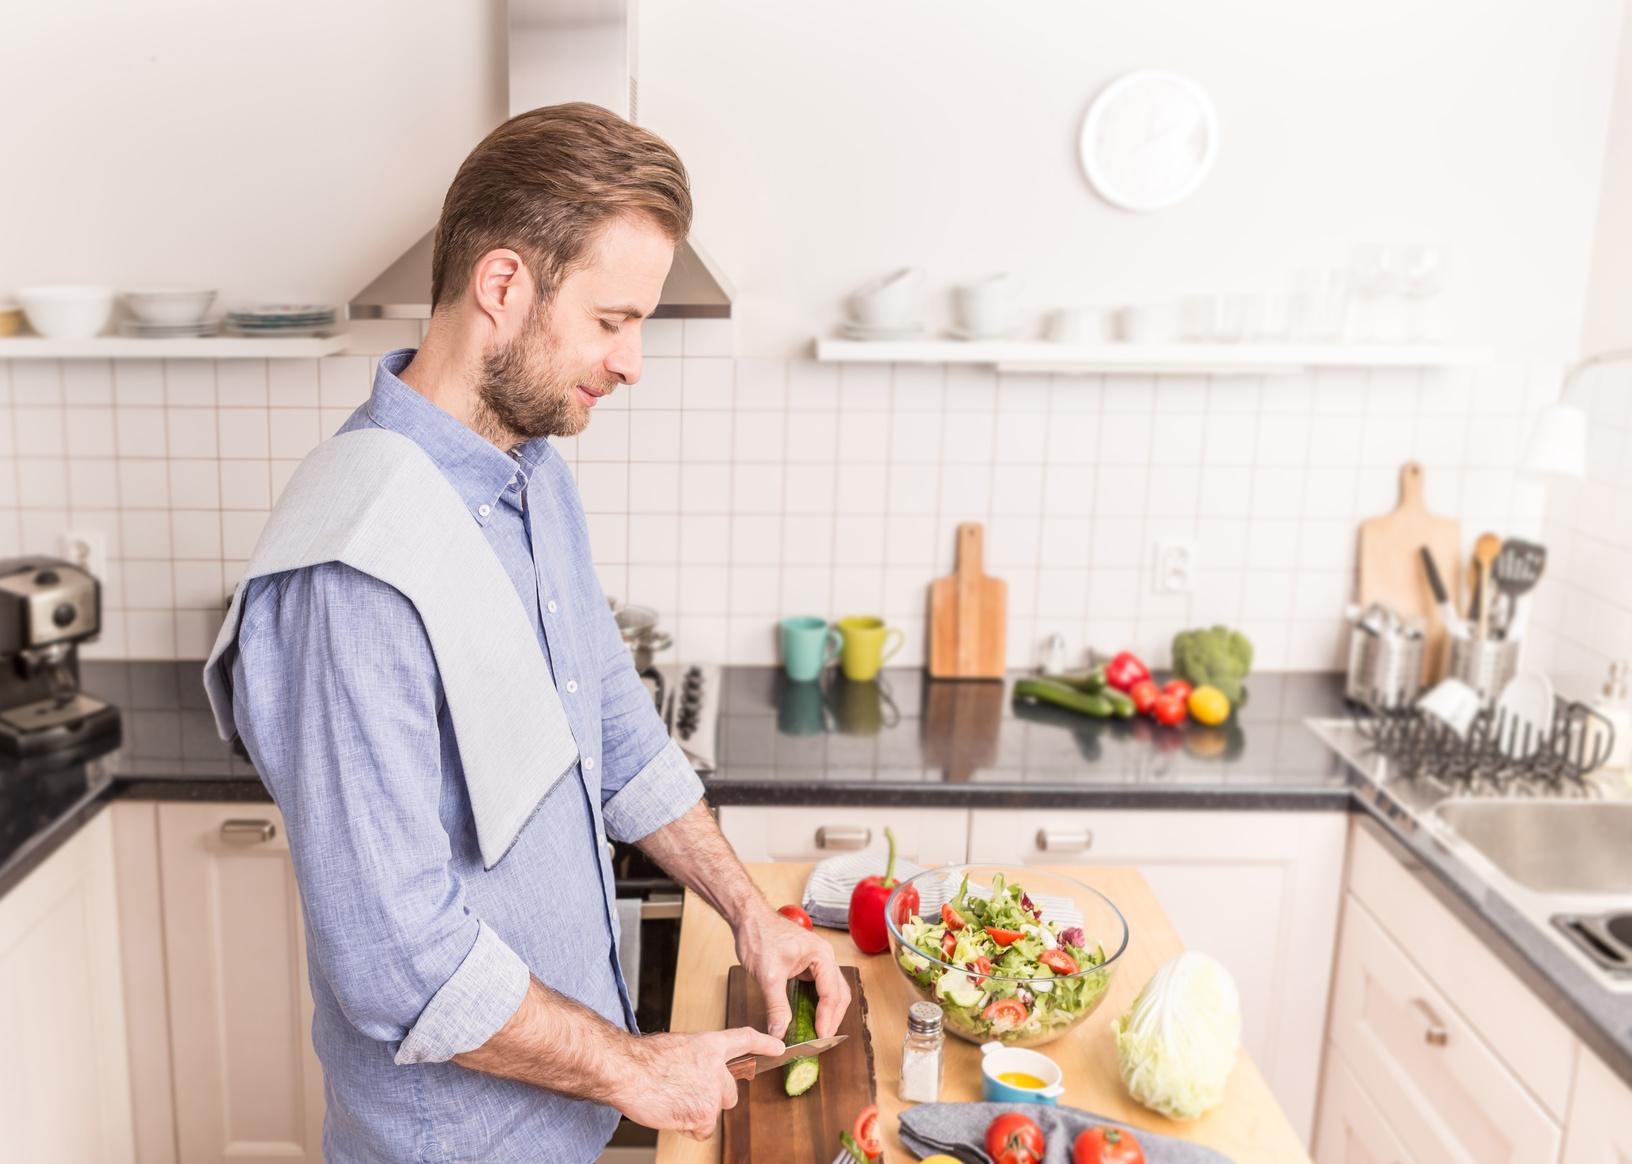 dieta plodnosc mezczyzna plodnadieta